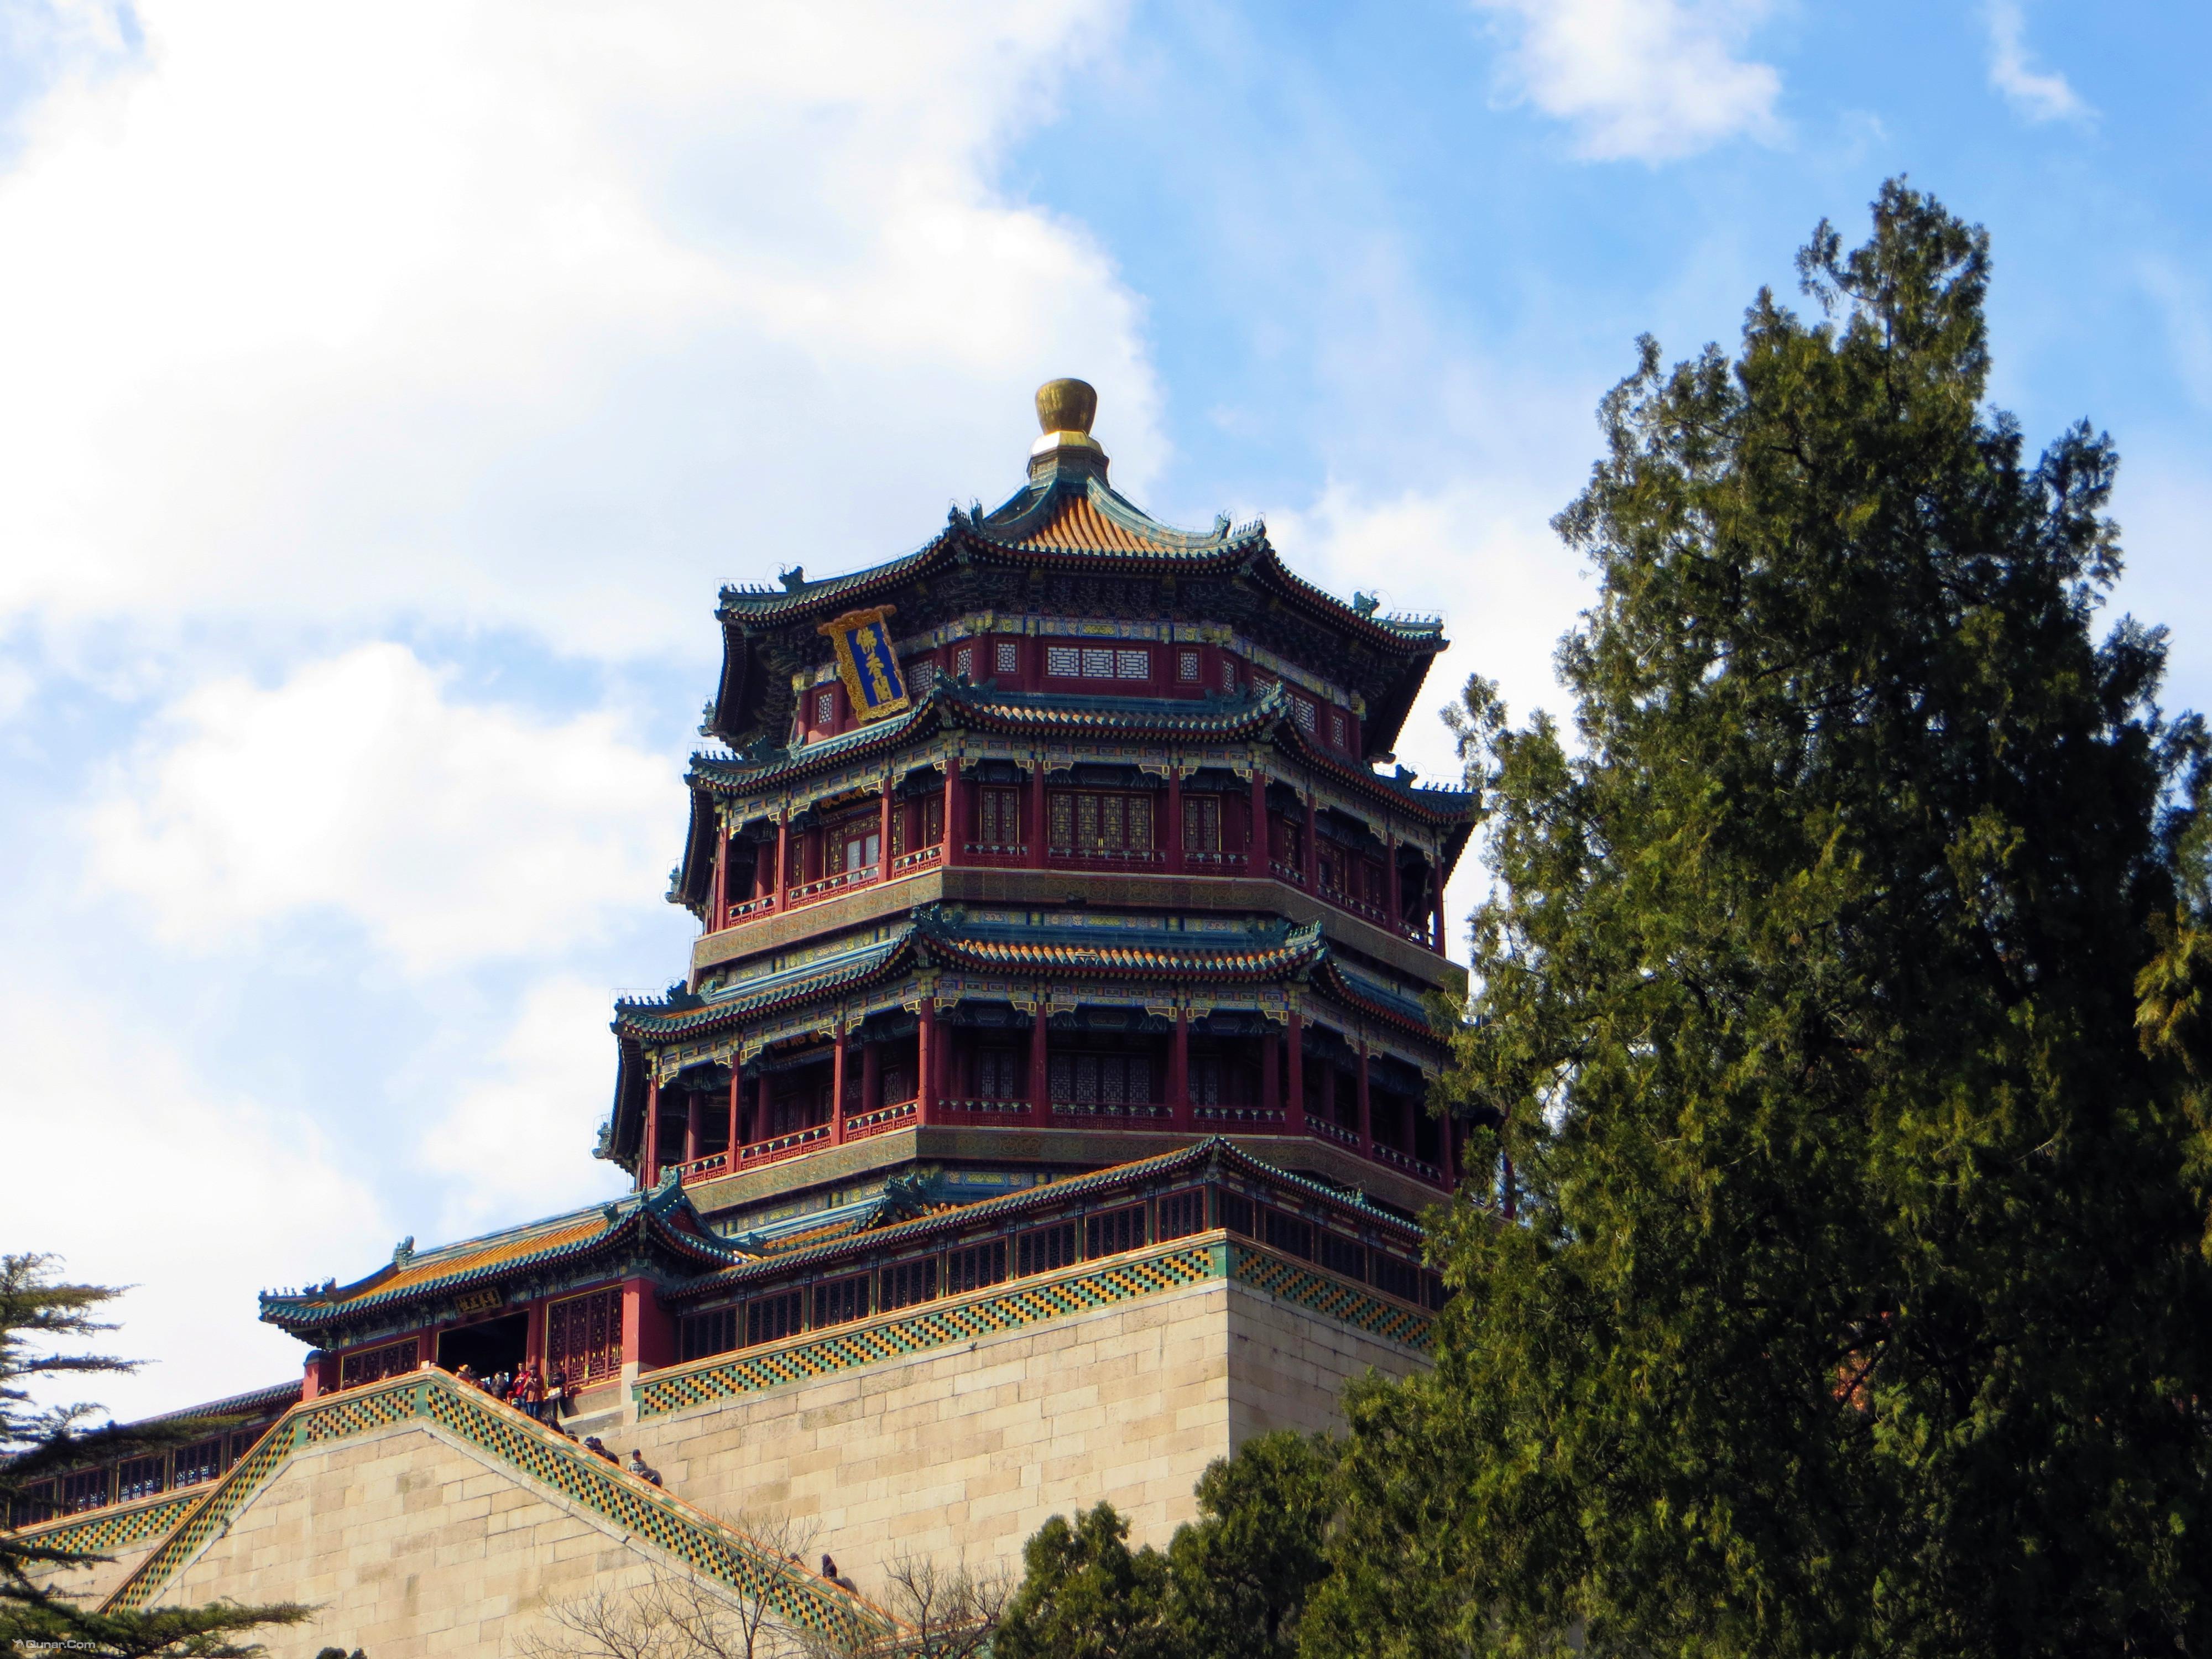 颐和园远处的塔是什么塔